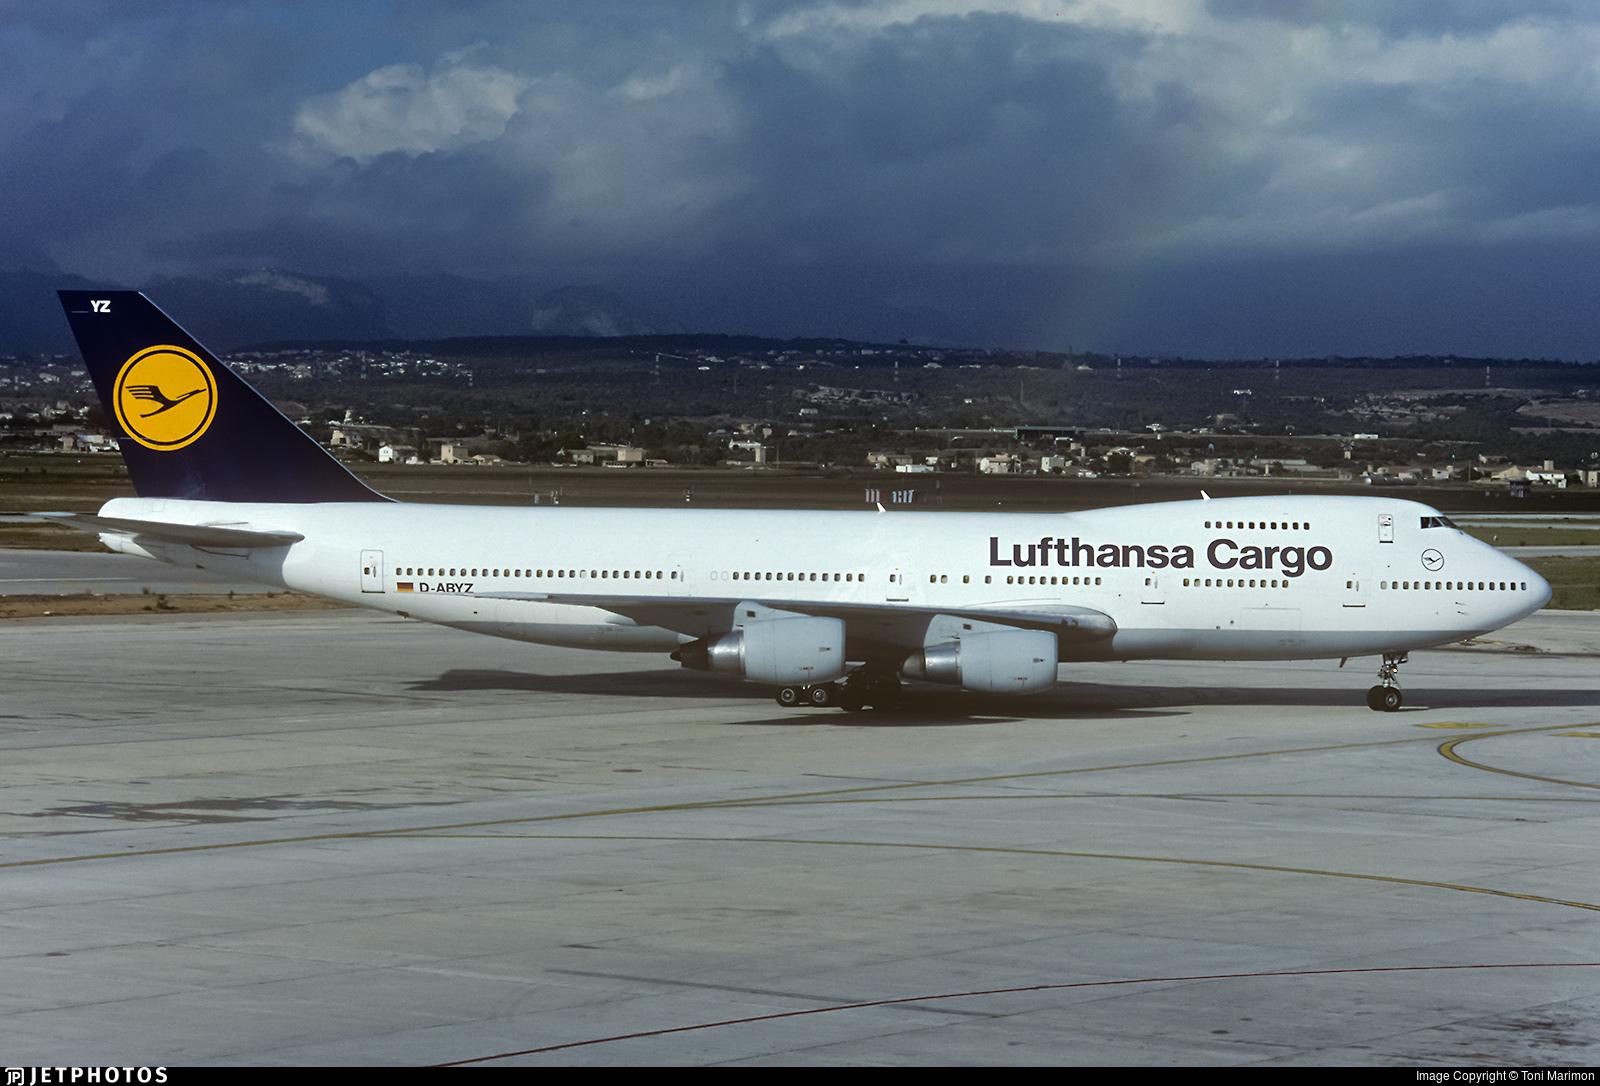 D-ABYZ - Boeing 747-230B(SF) - Lufthansa Cargo